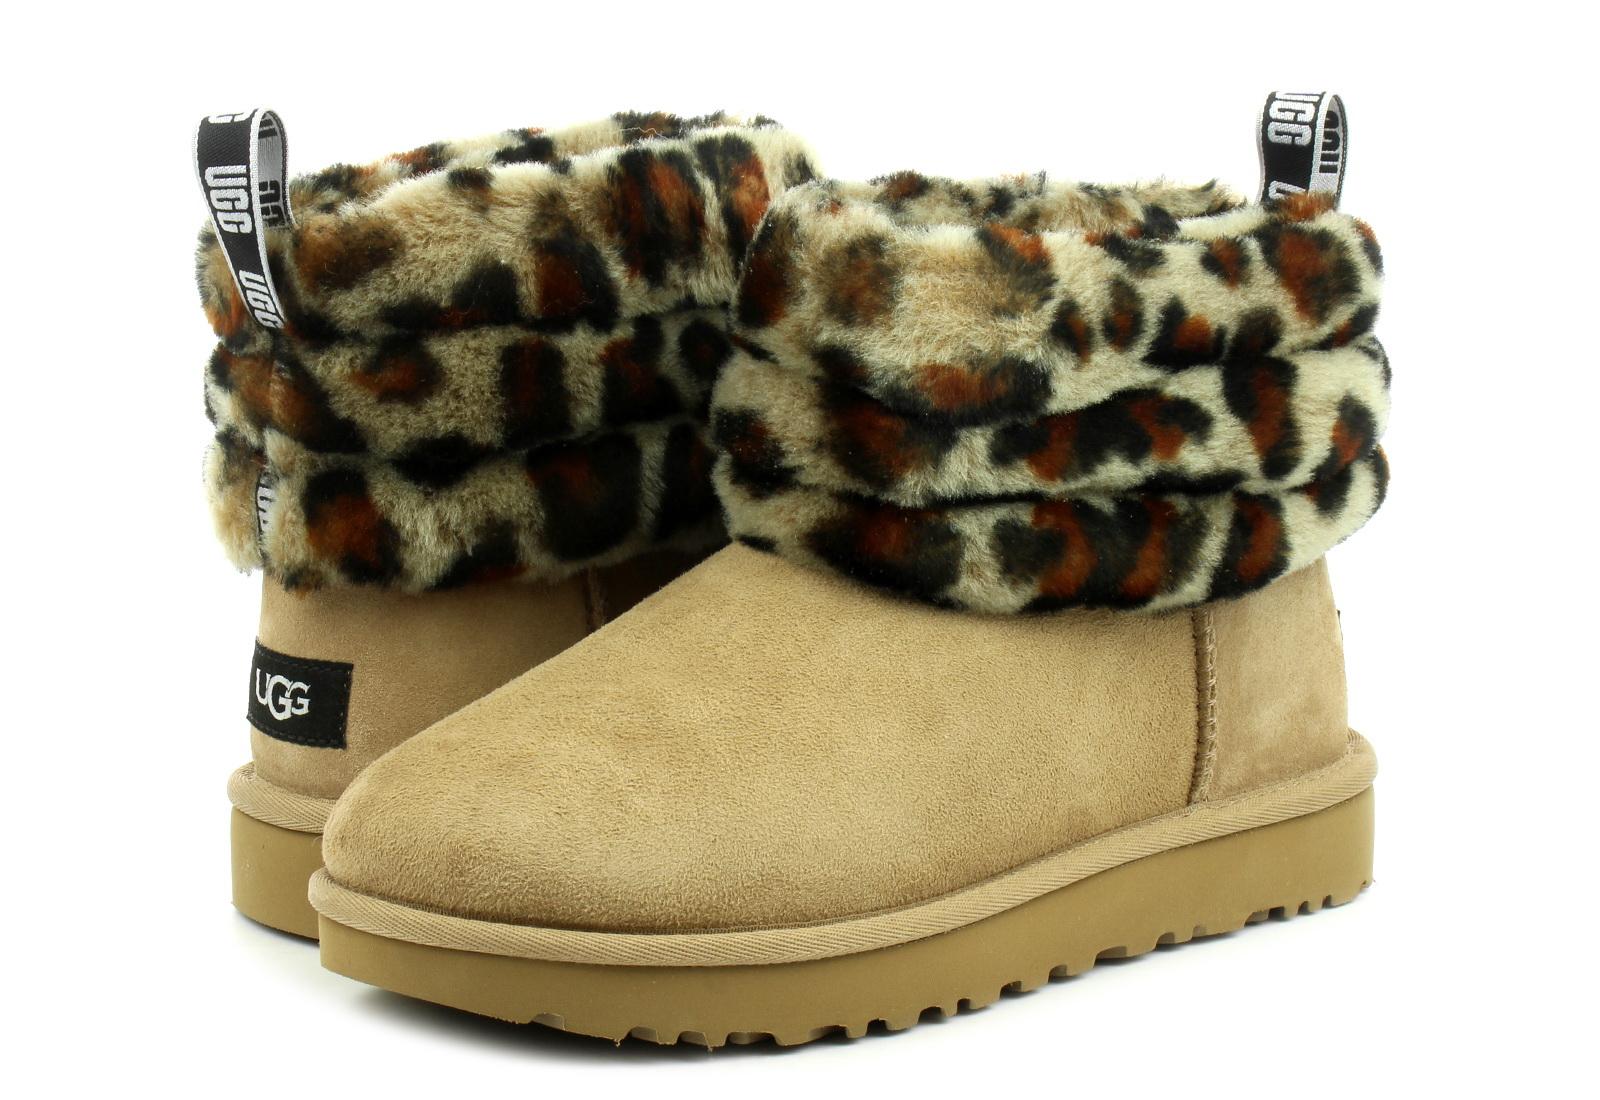 Ugg Vysoké Topánky, Čižmy Fluff Mini Quilted Leopard